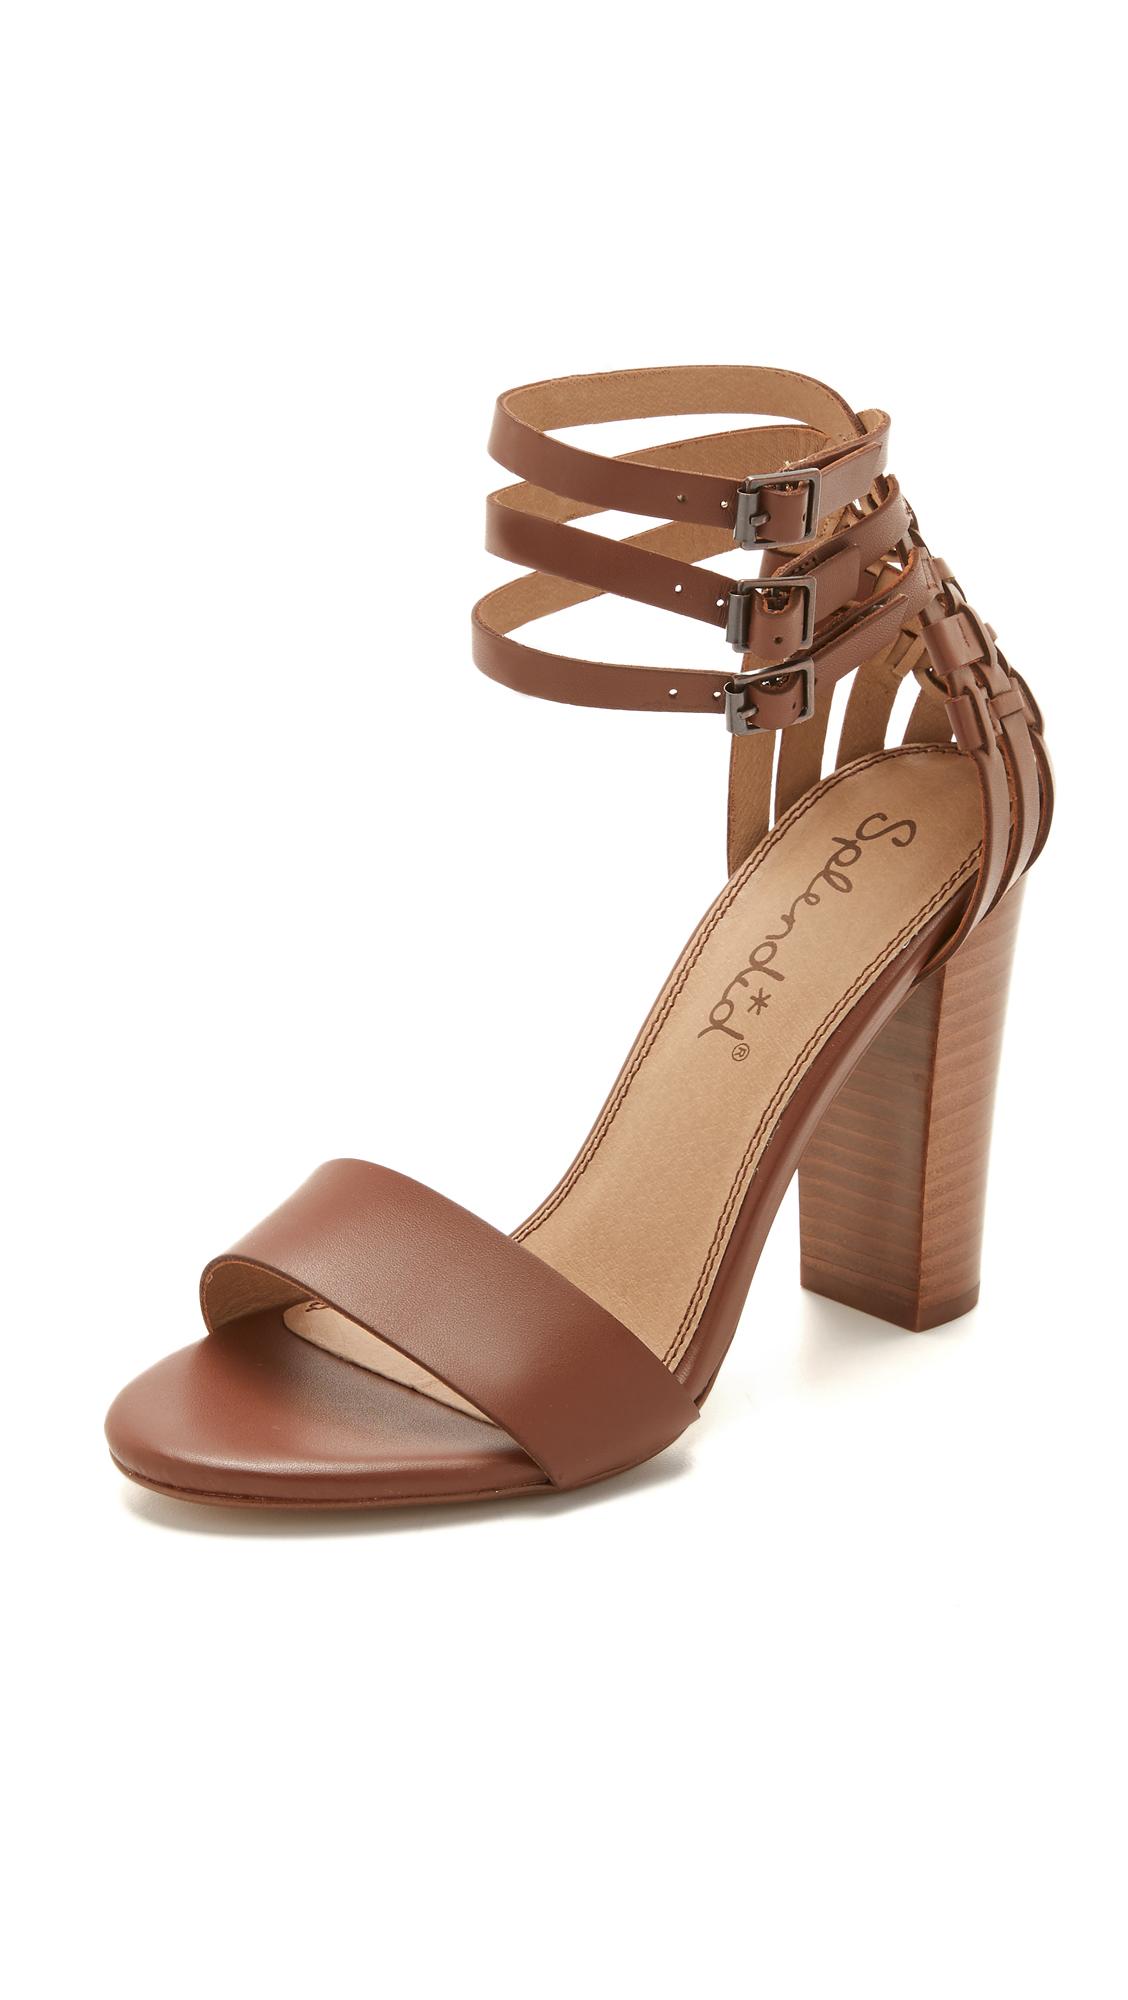 db665260865 Splendid Jena Sandals